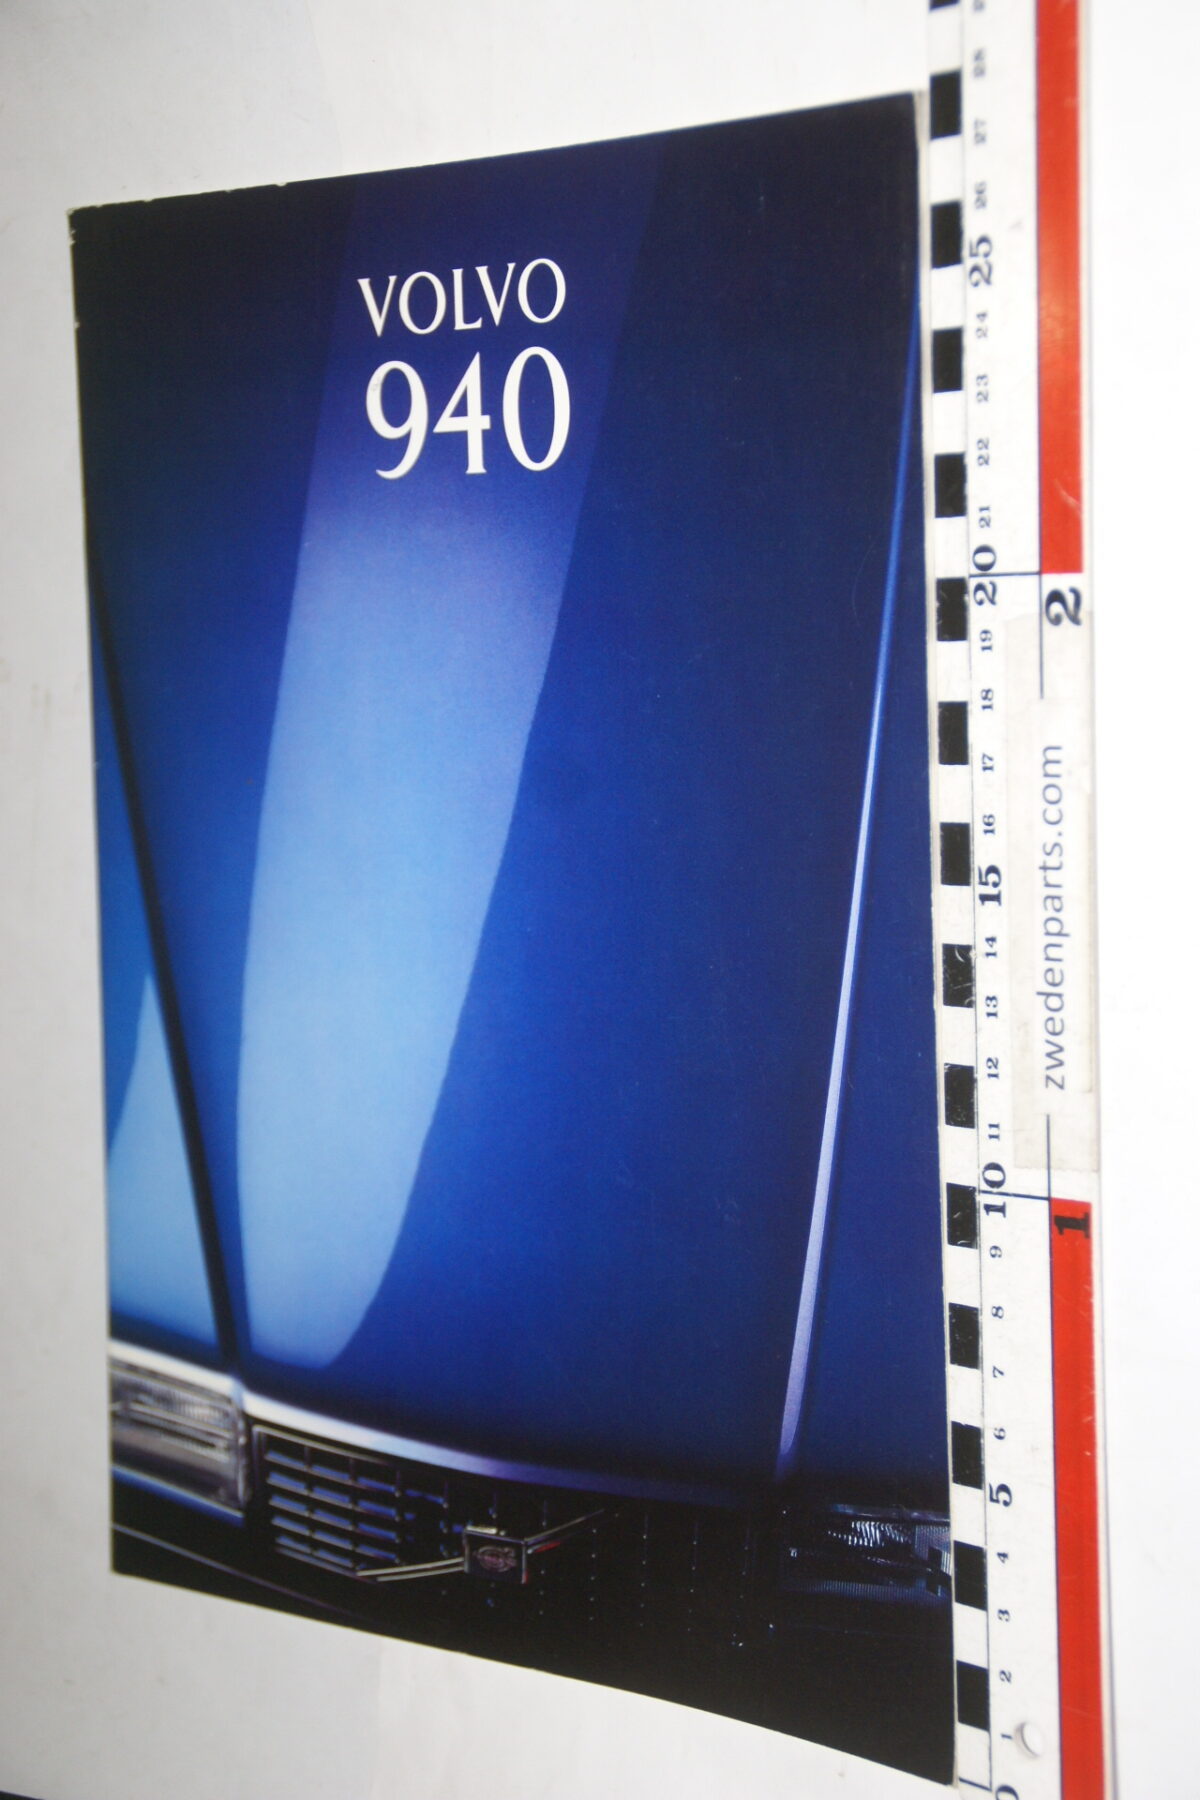 DSC00311 1993 originele Volvo brochure 940  nr. MS-PV 5645-b859269f